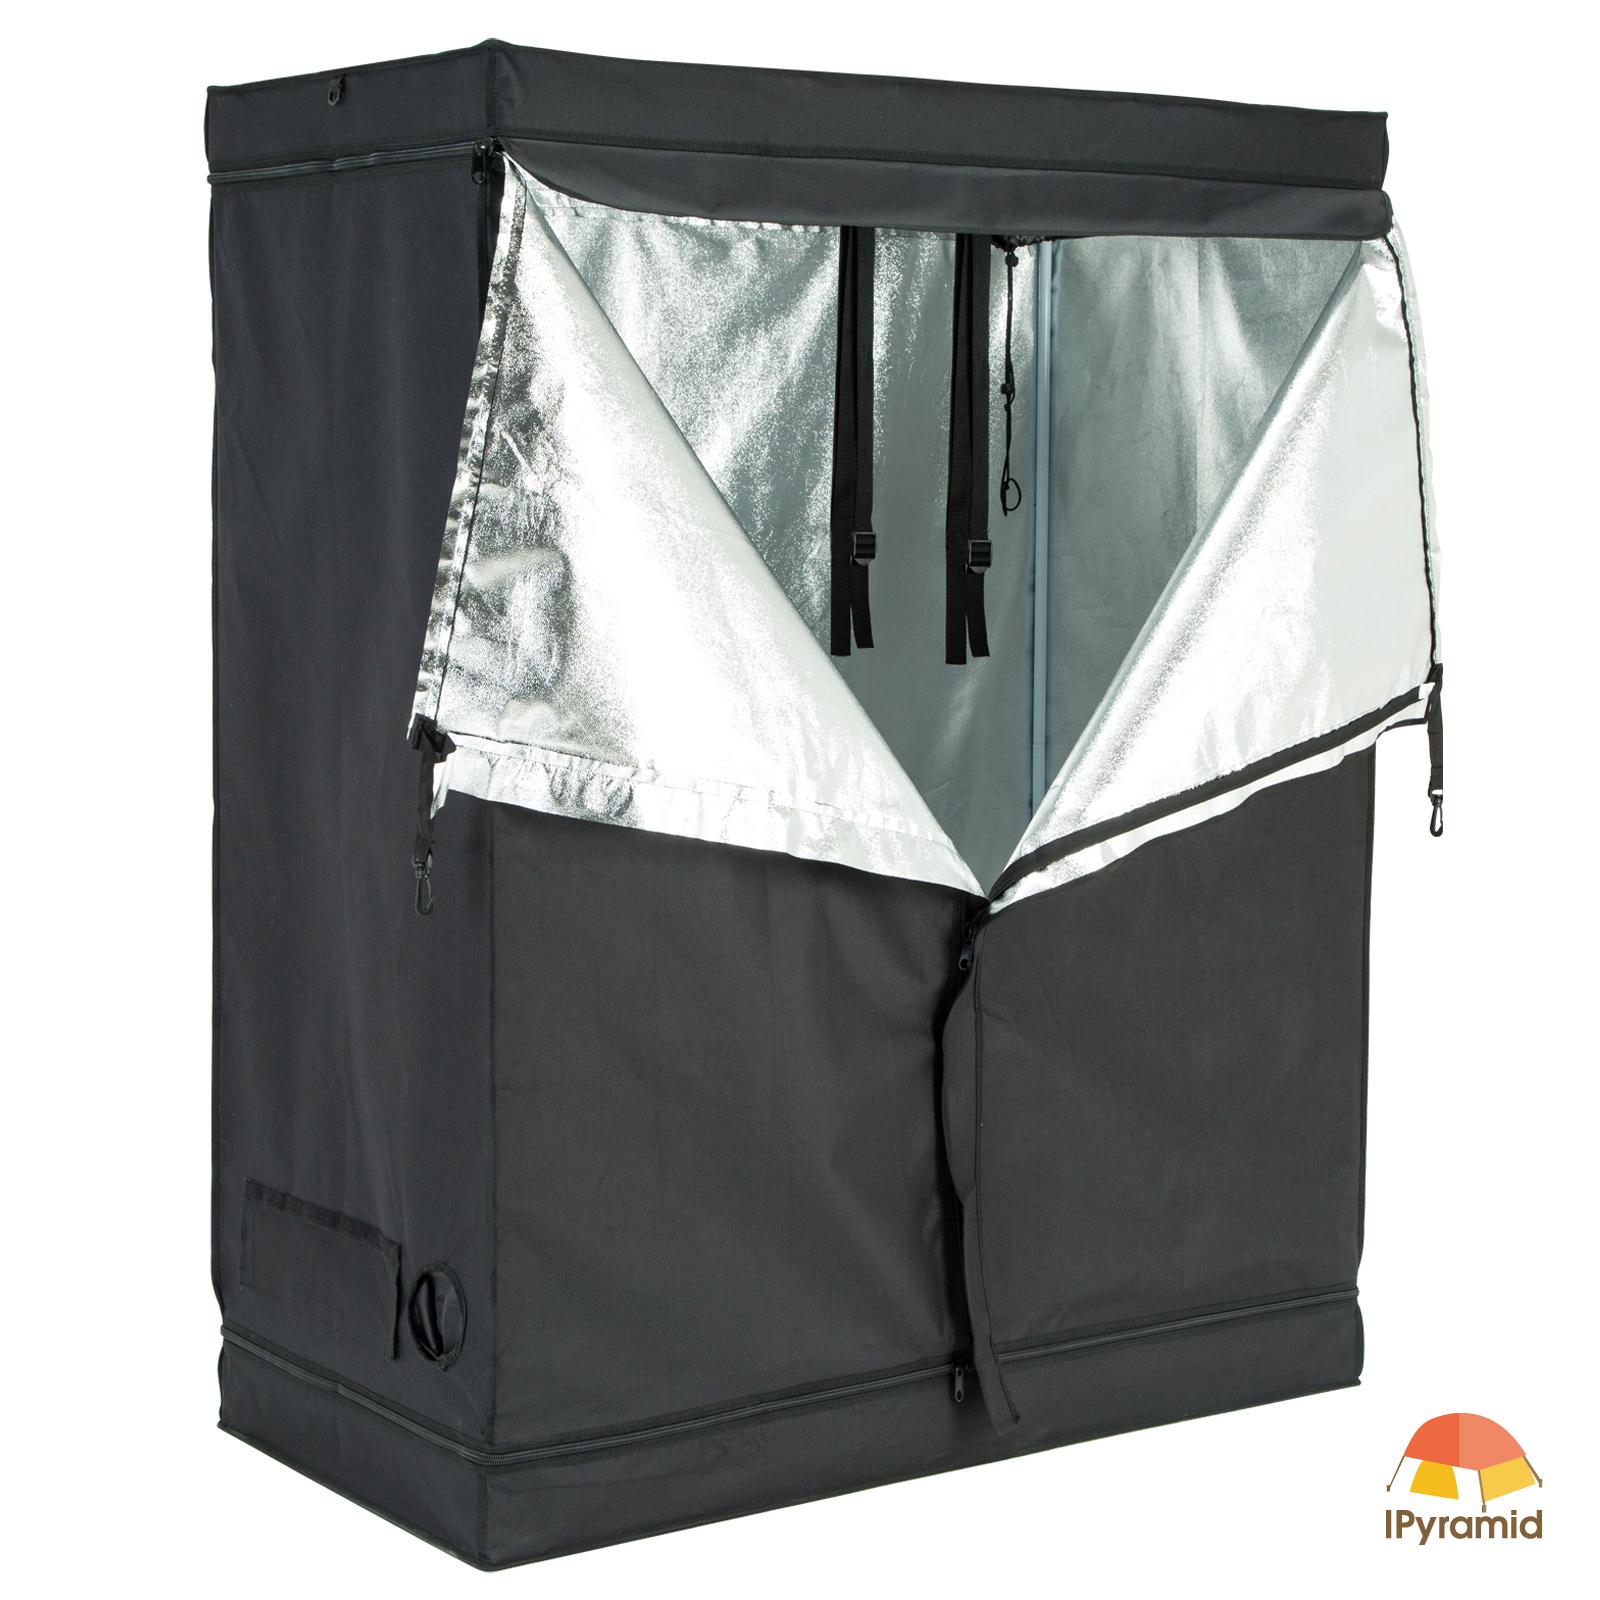 48 x24 x60 indoor grow tent room reflective 600d mylar for Indoor gardening reflective material